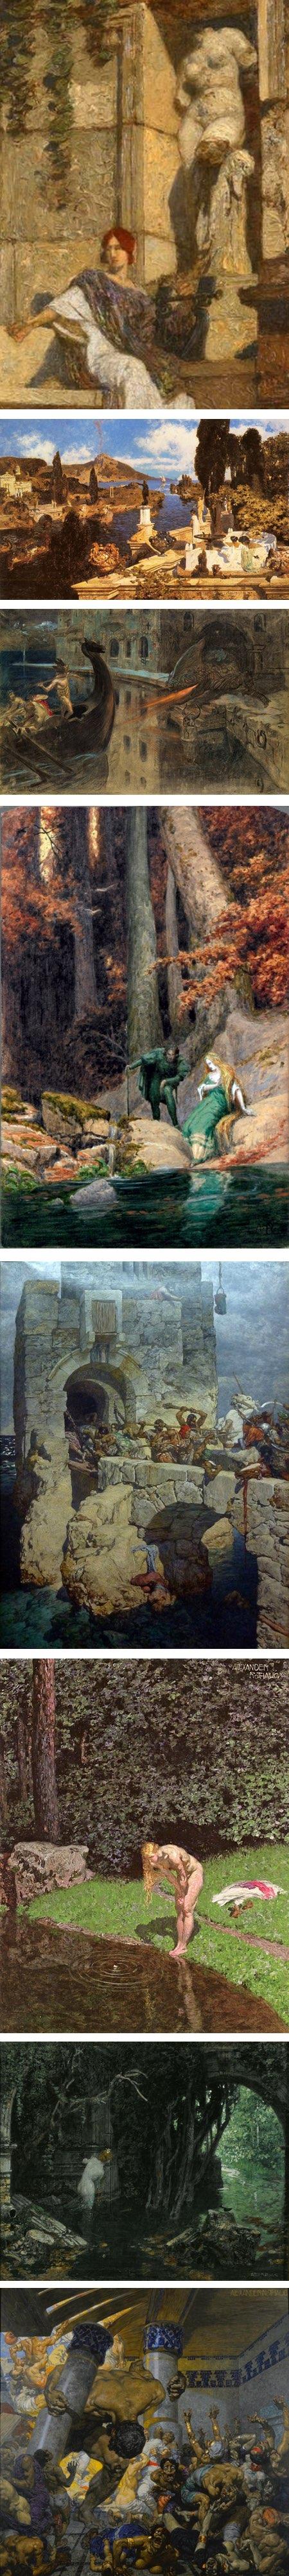 Alexander Rothaug, mythological painting and illustration